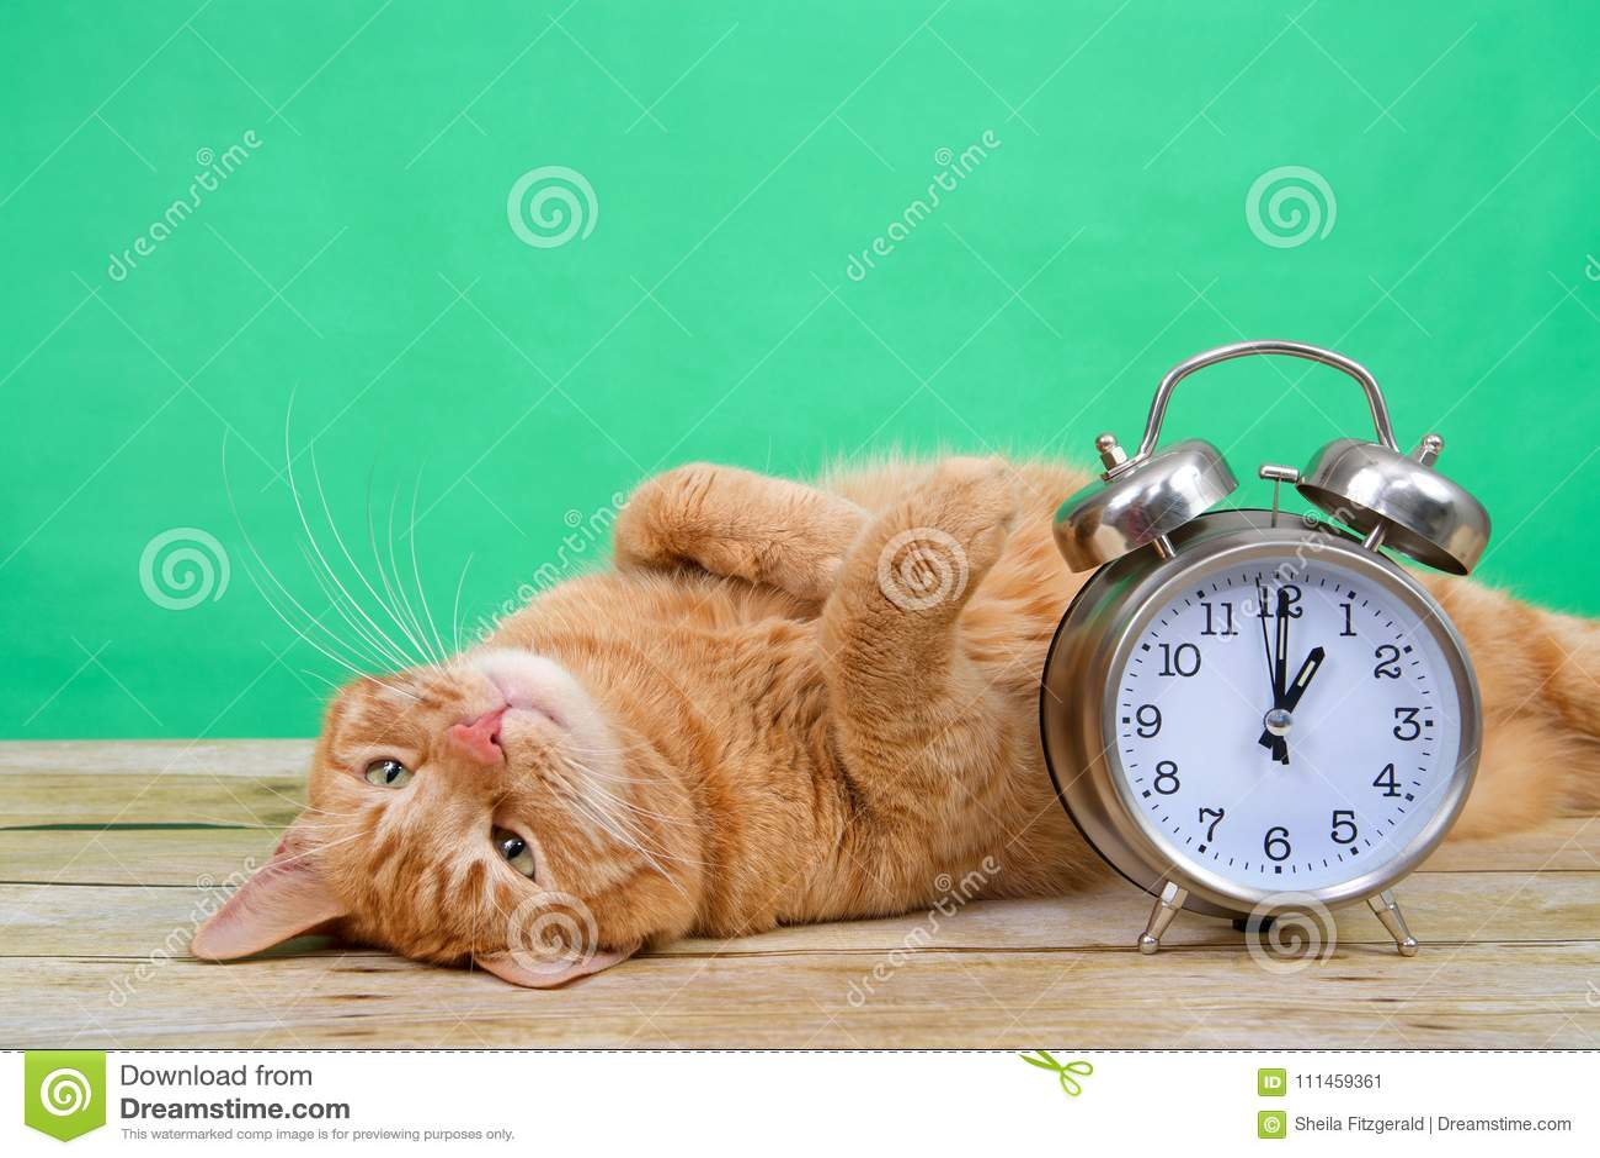 Colocación del gato de gato atigrado del horario de verano al revés